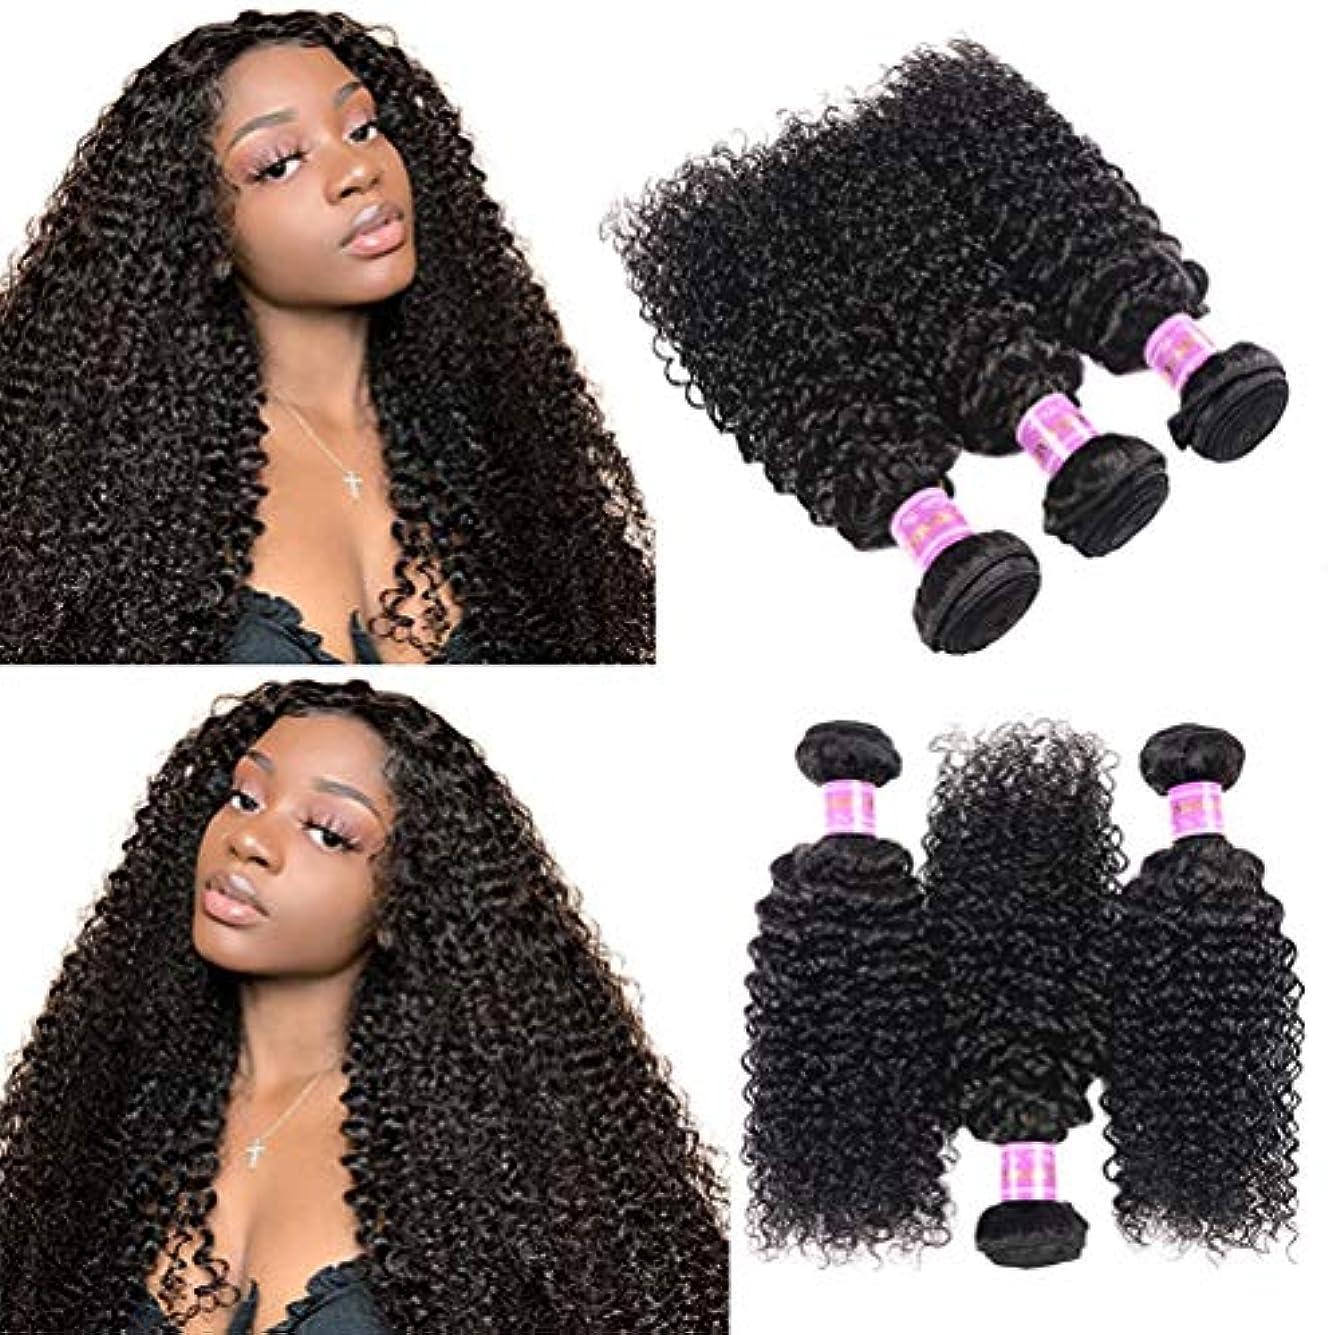 脱獄料理不潔女性ブラジルのボディウェーブの毛の束ブラジルのボディウェーブバージンの毛100%未処理の二重よこ糸の人間の毛髪延長(3束)